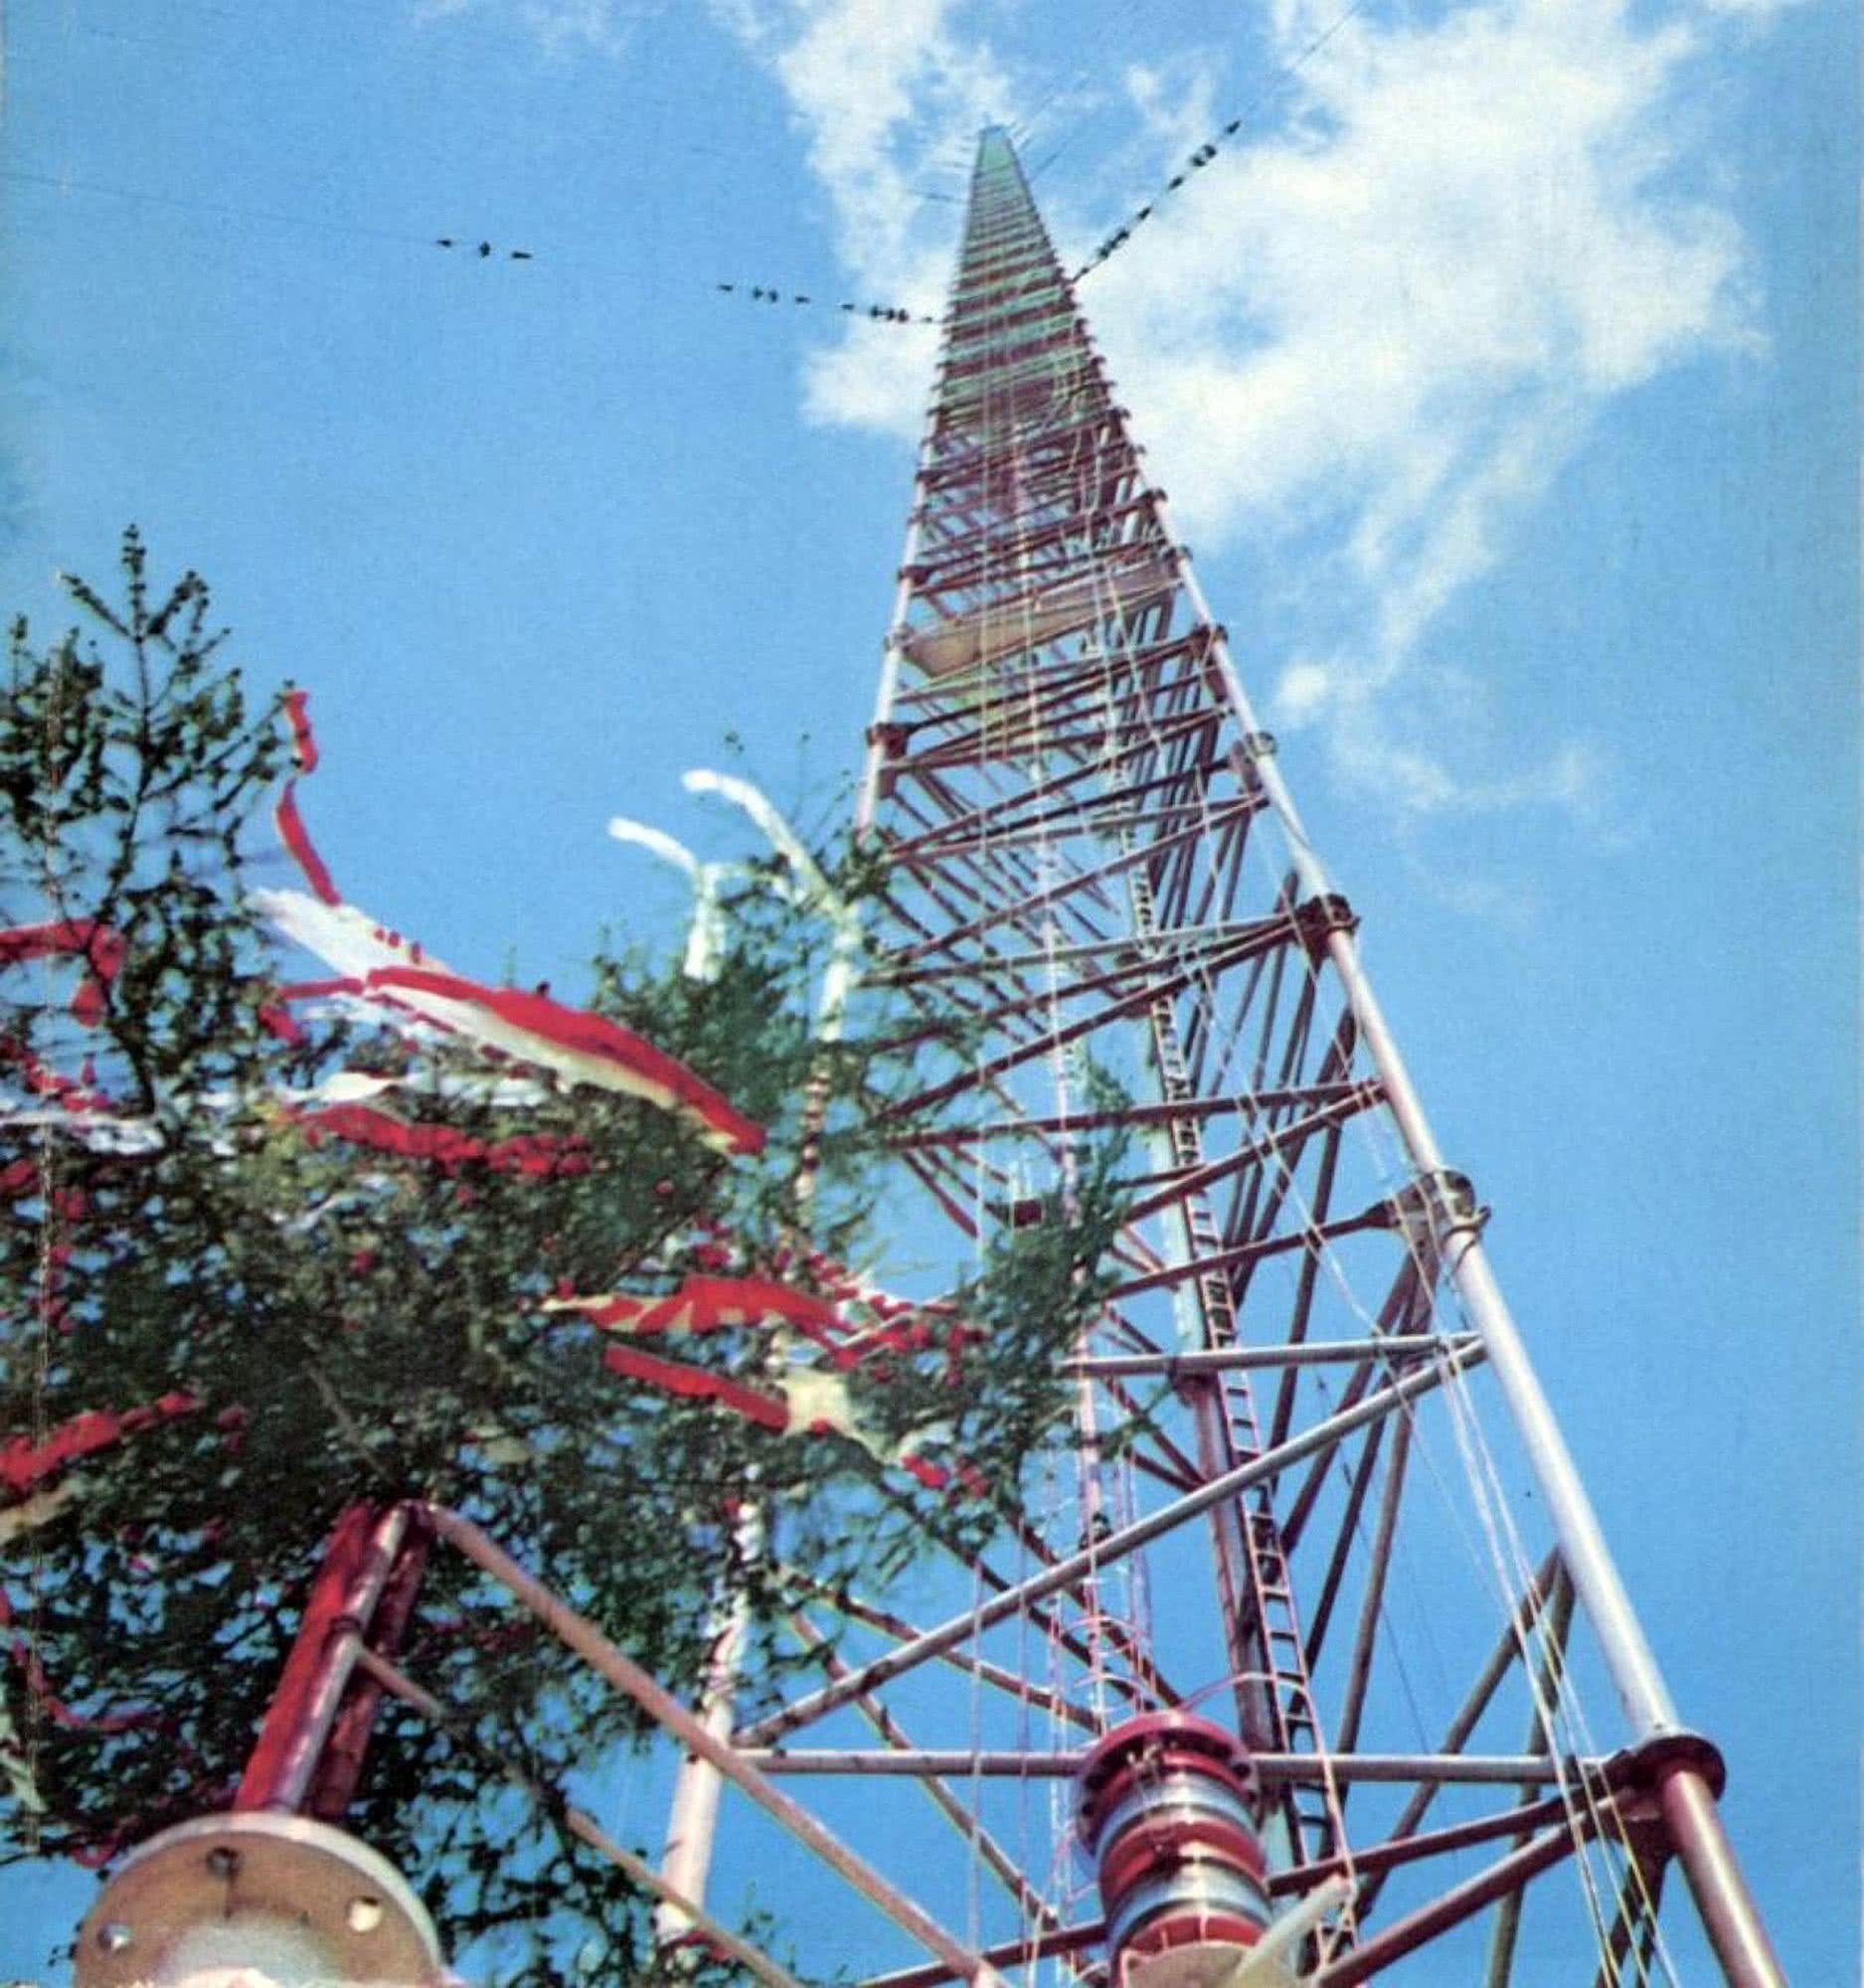 Maszt radiowy w konstantynowie wikipedia wolna encyklopedia for Control m architecture